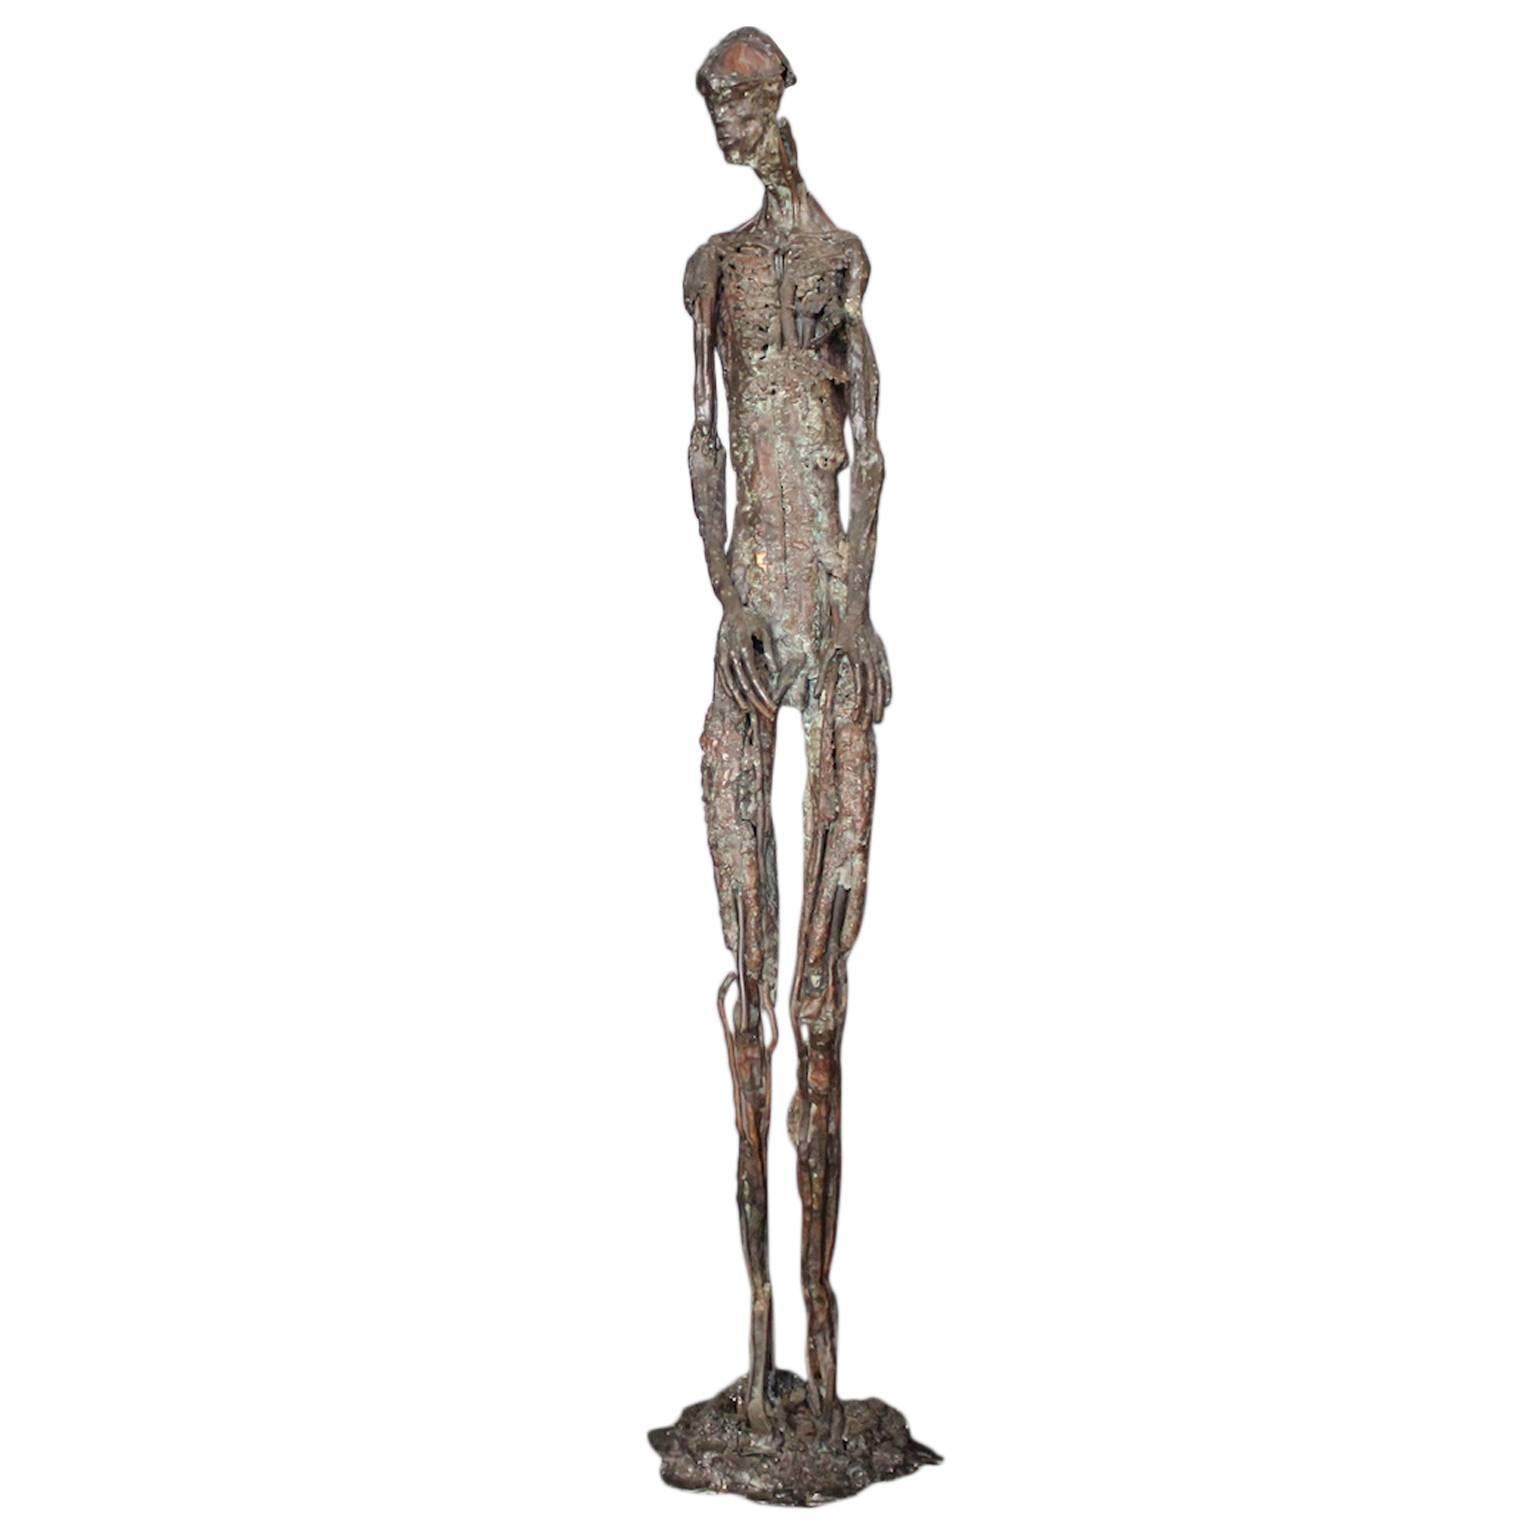 1990s Modern Sculpture